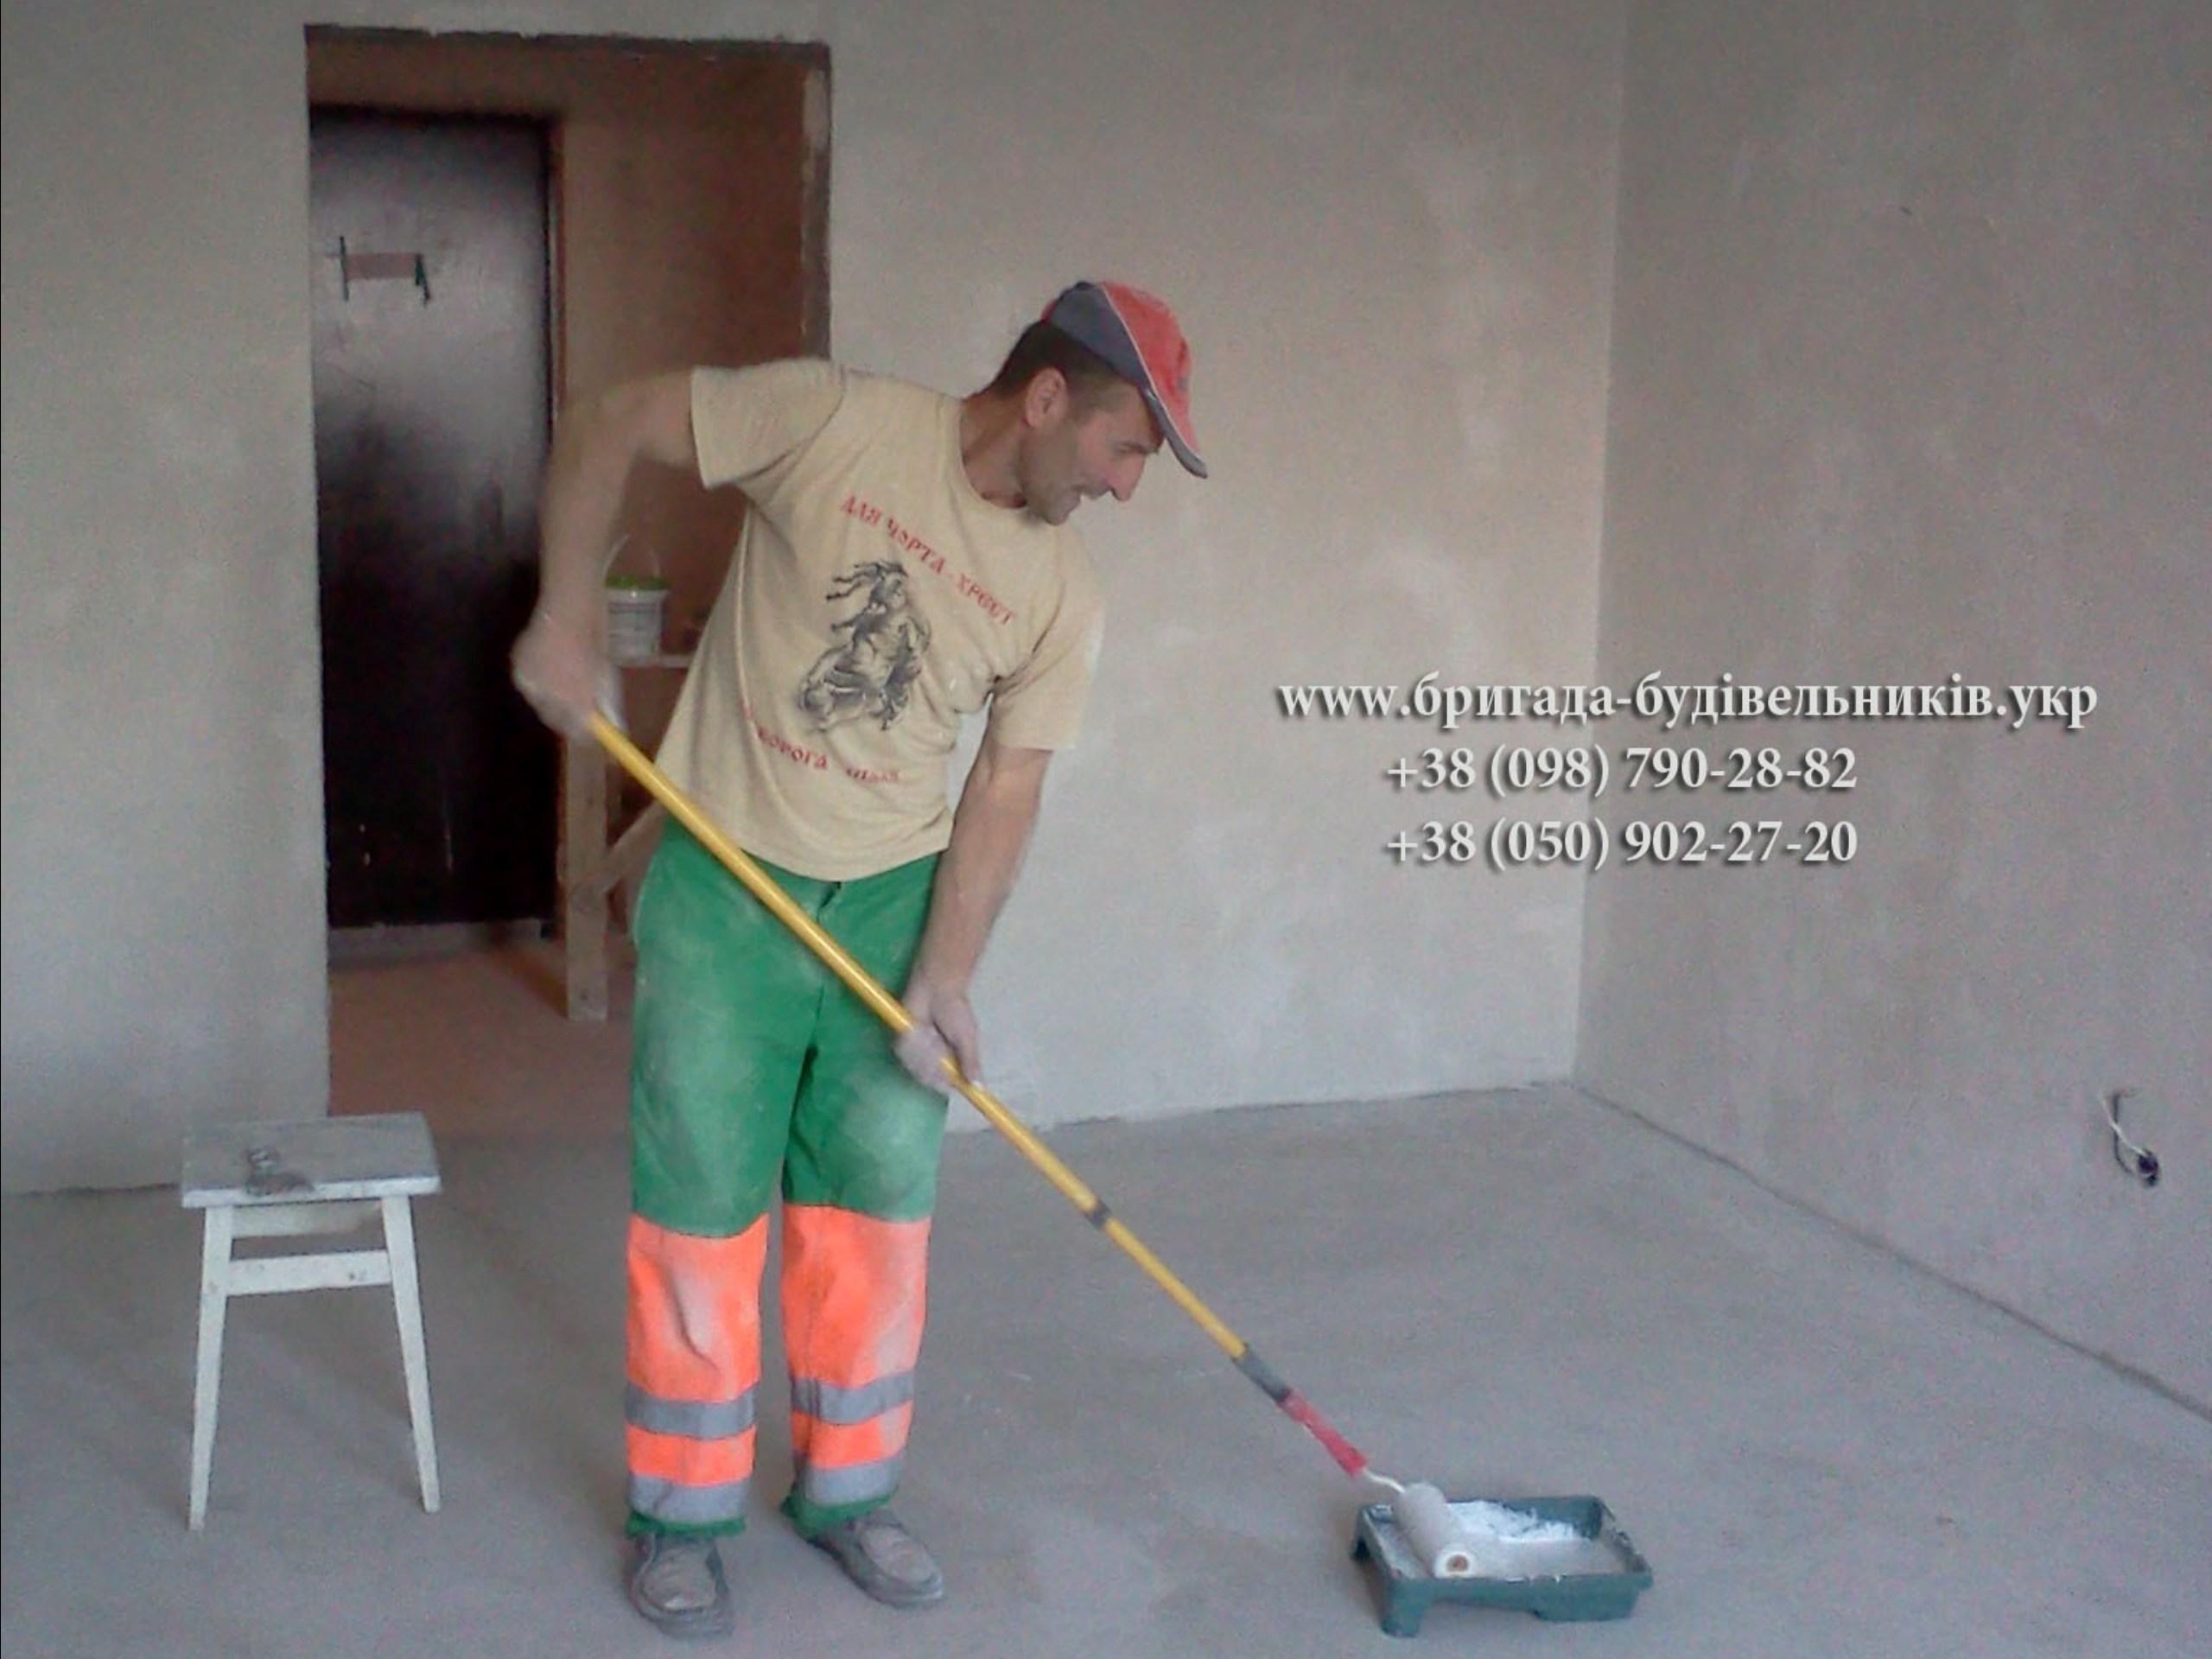 Покраска стен и потолков цена услуги в Киеве